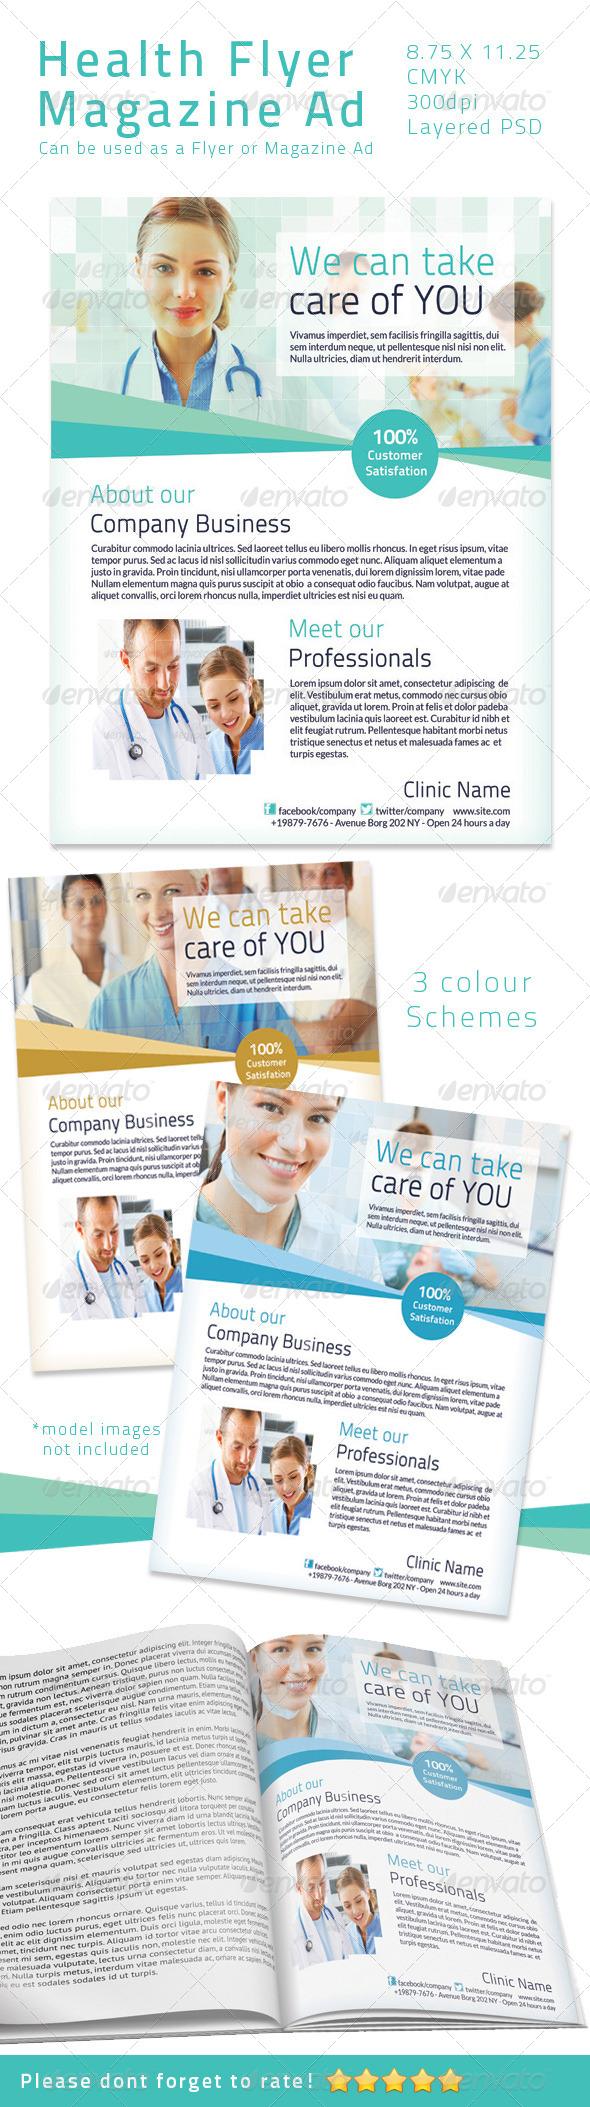 GraphicRiver Health Flyer Magazine Ad 4670360